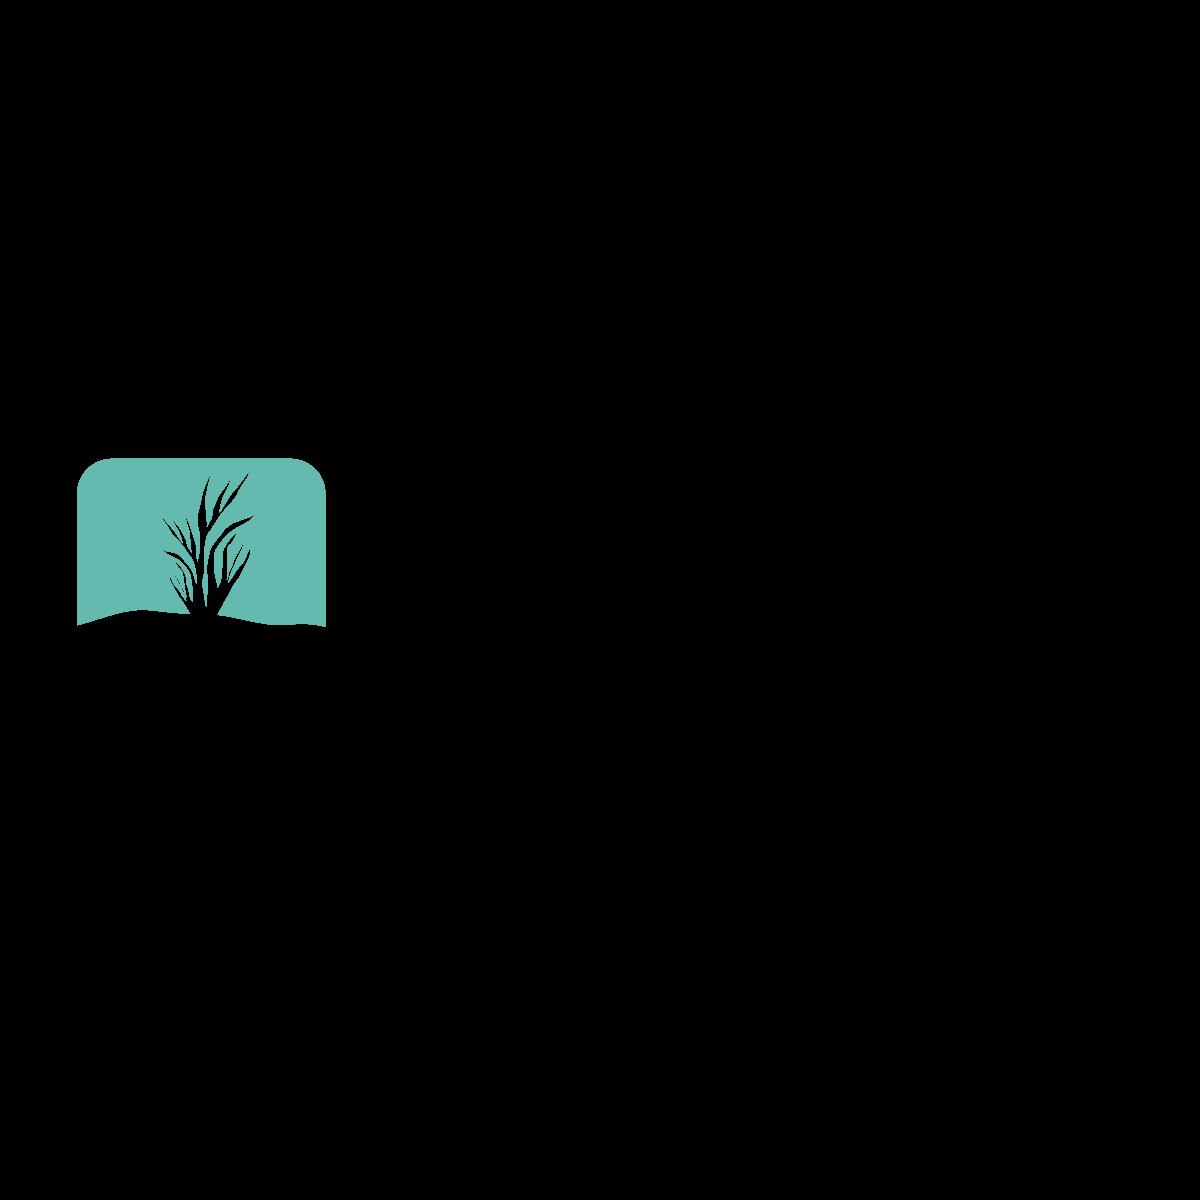 Logo for ag business